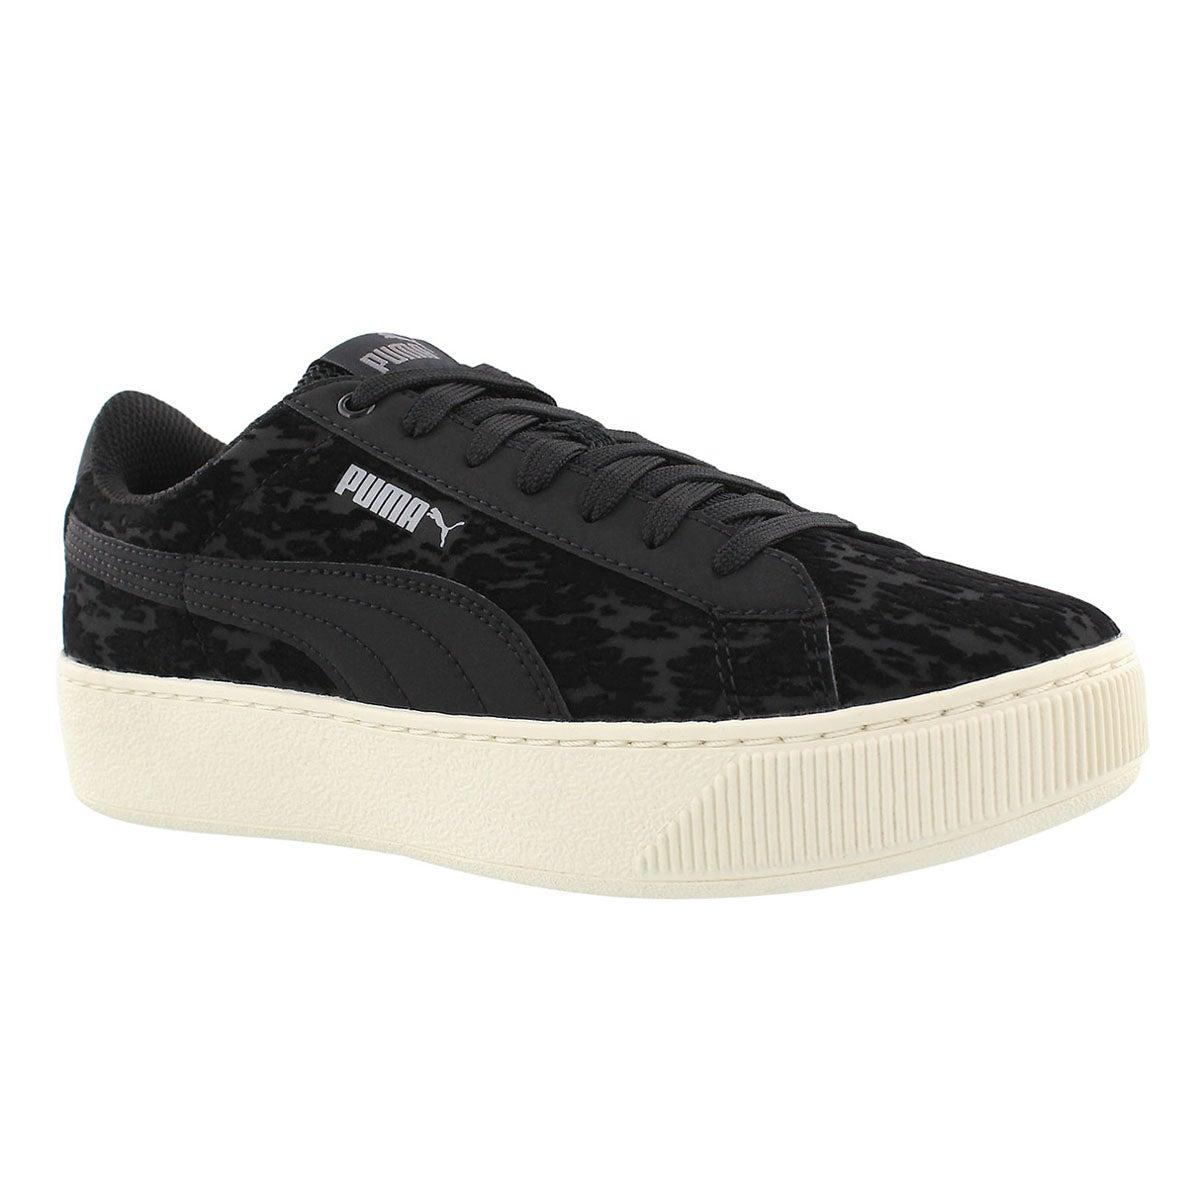 Women's VIKKY PLATFORM VELVET ROPE blk sneakers